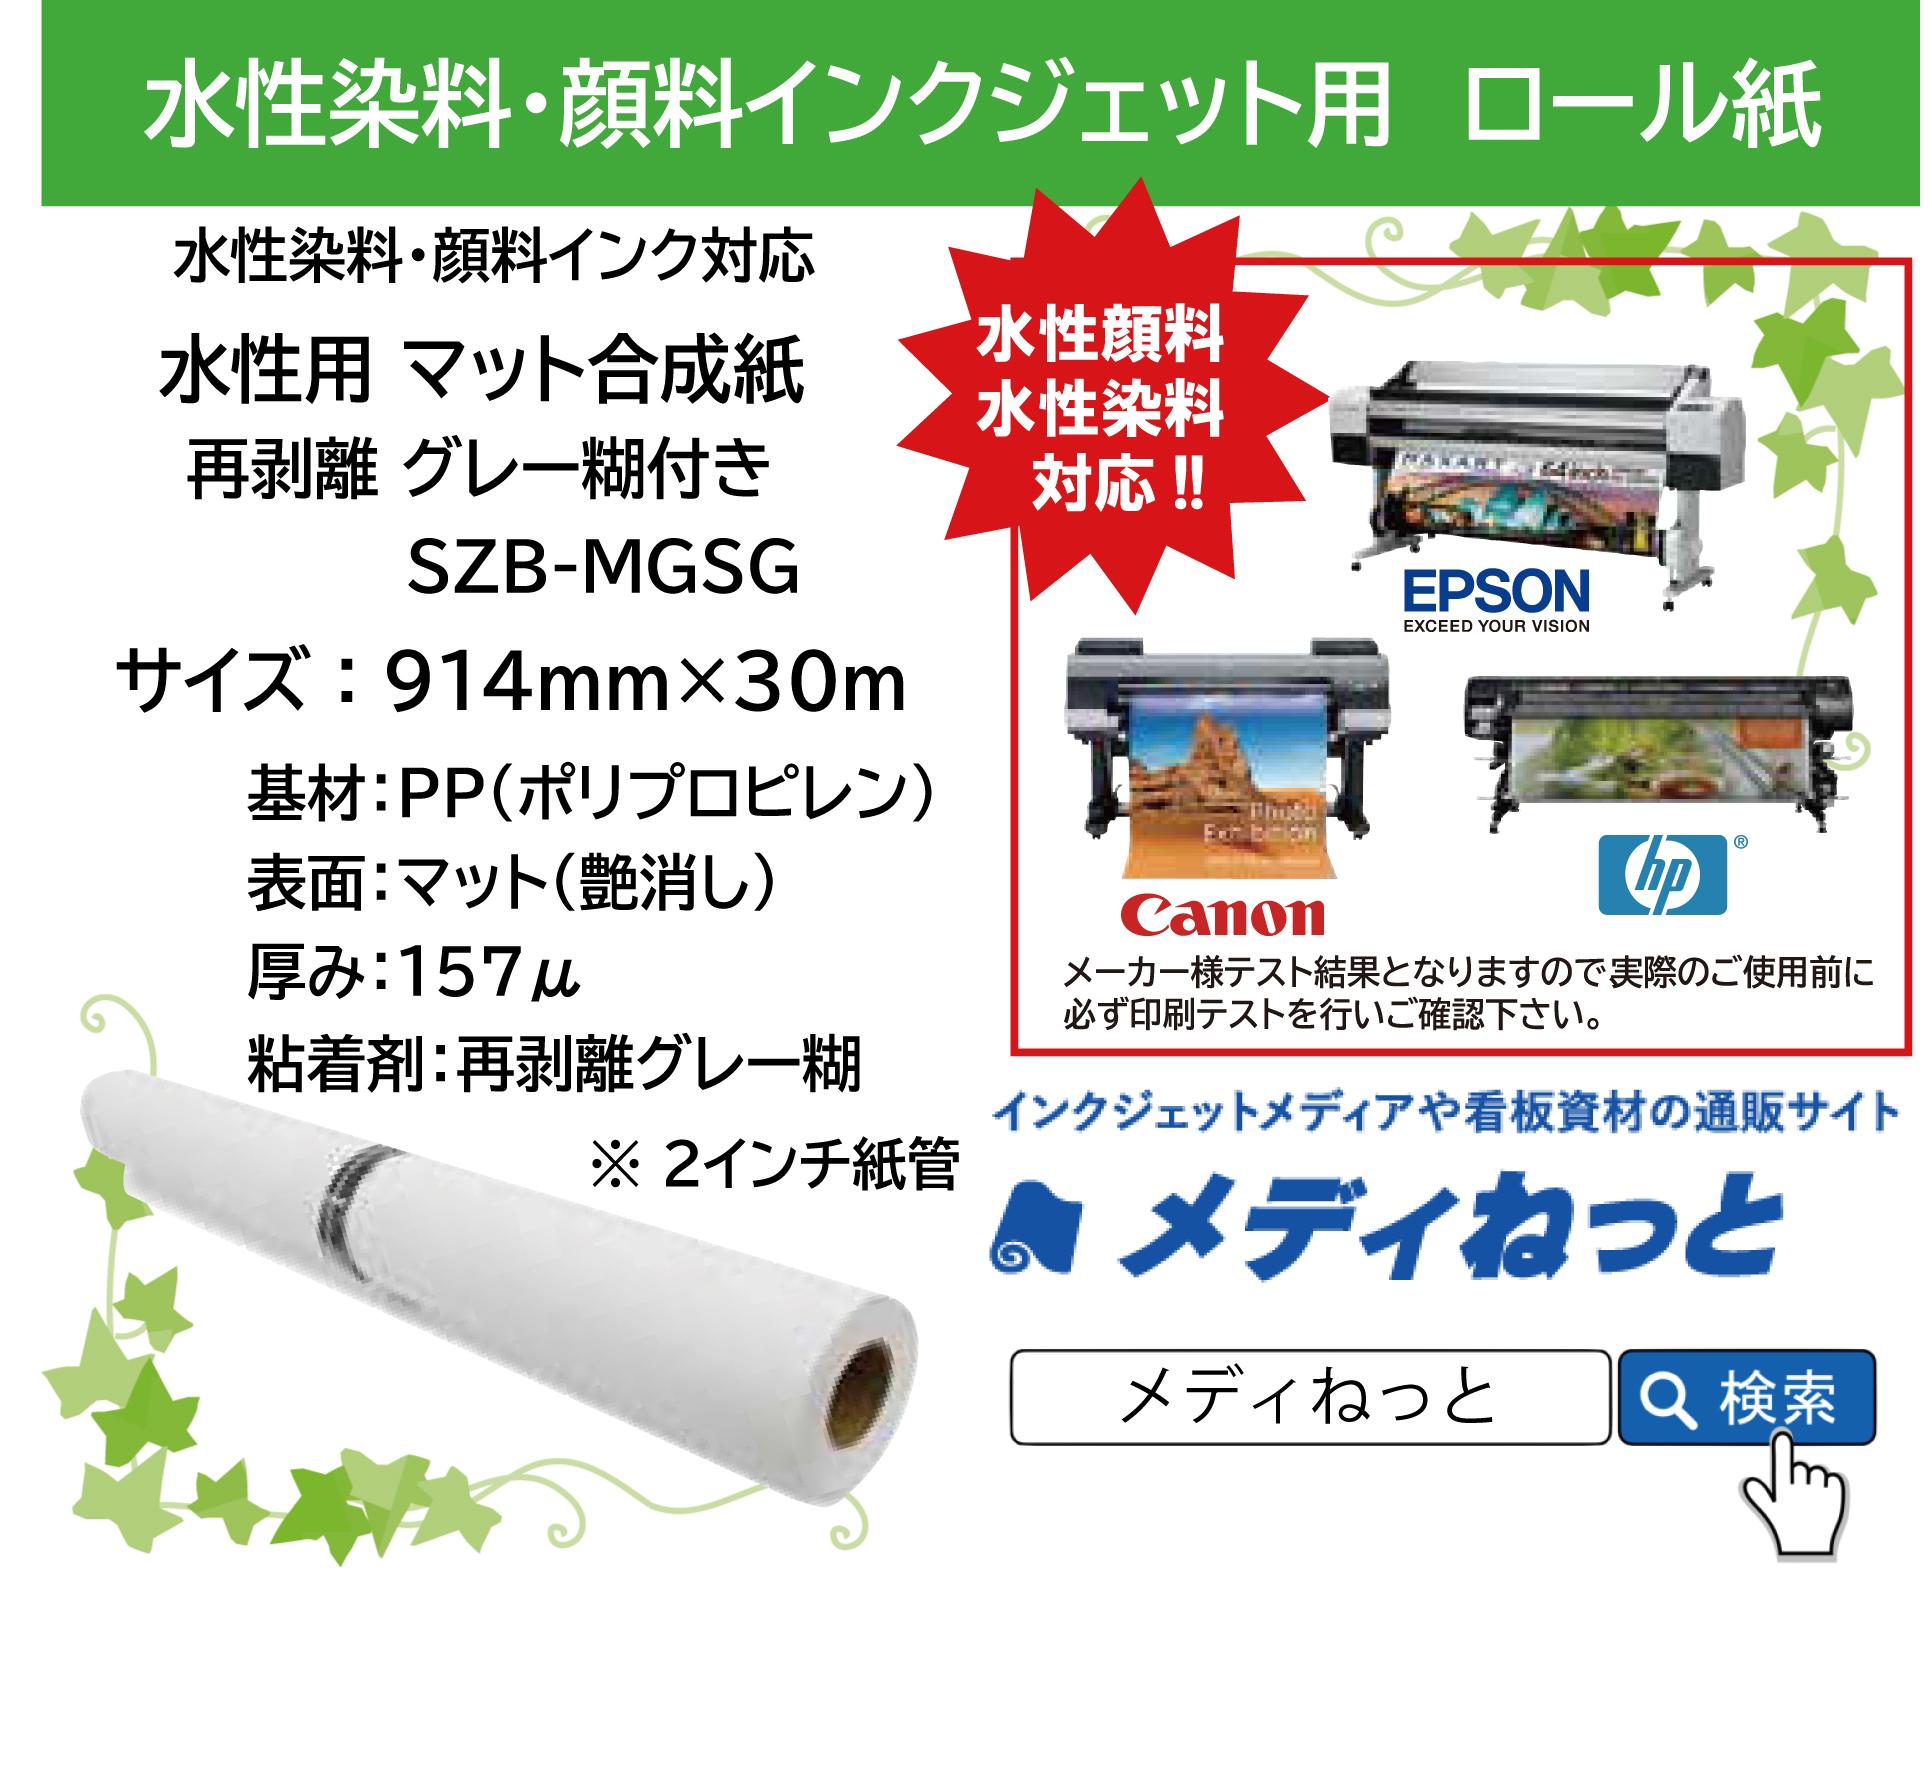 水性用マット合成紙 再剥離グレー糊付き(SZB-MGSG) 914mm×30m